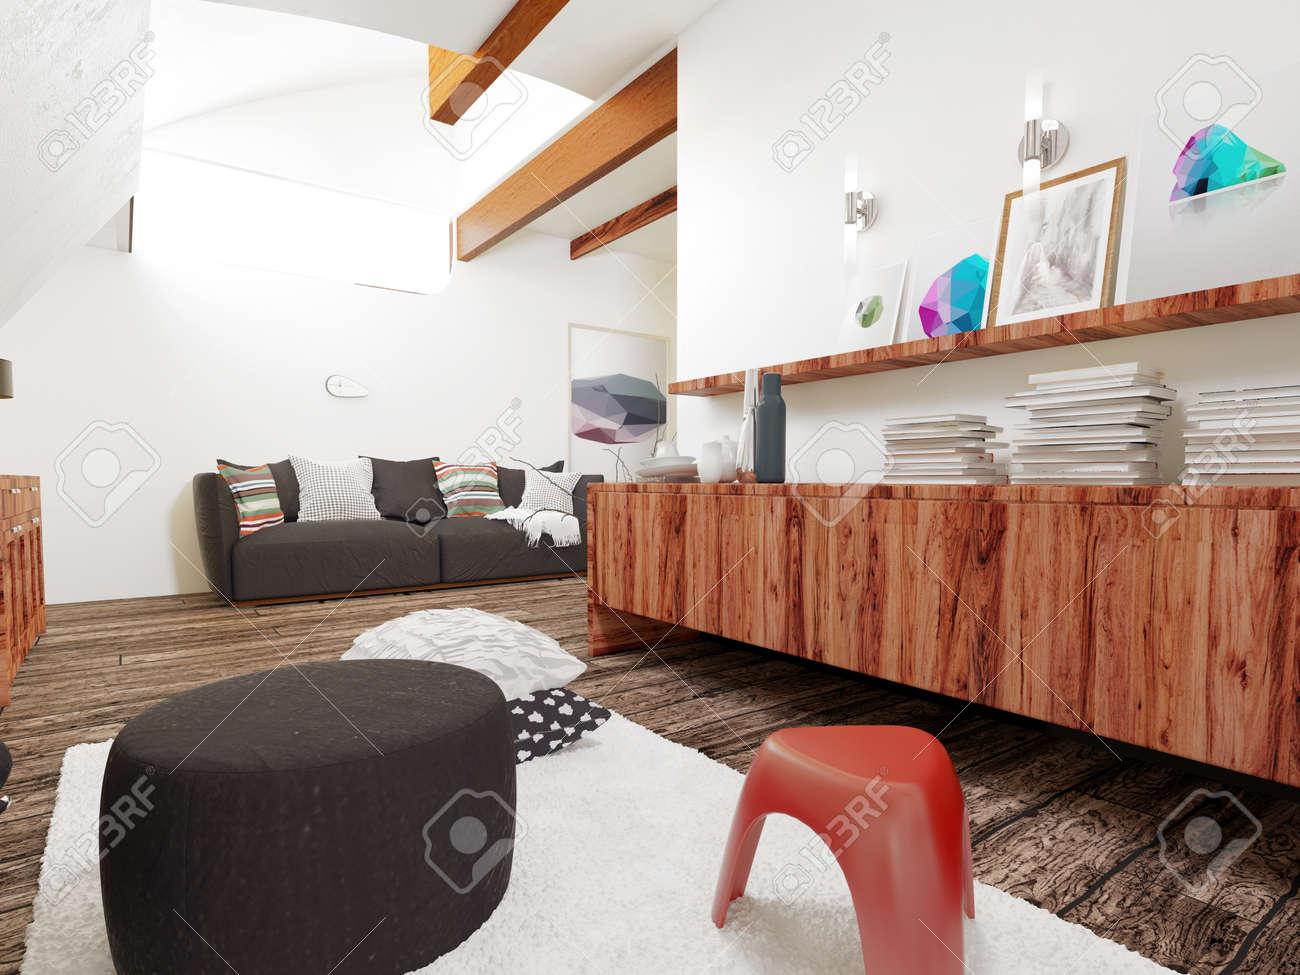 Intérieur d\'architecture du Salon dans la maison moderne avec un mobilier  simple en bois contemporain et Accents. Rendu 3D.